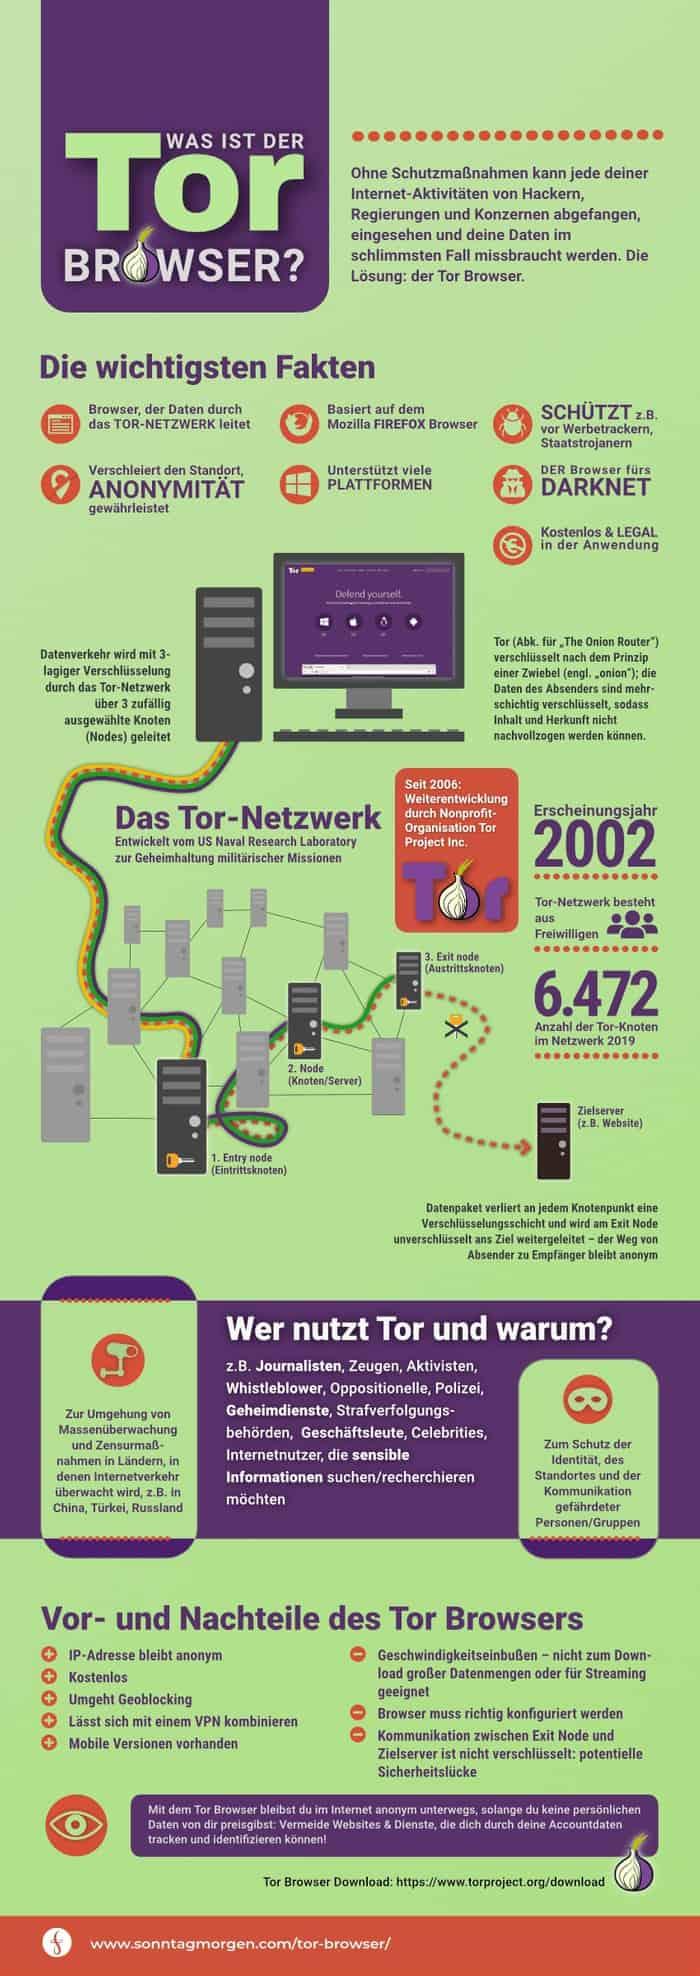 Tor-Browser Infografik von Sonntagmorgen.com